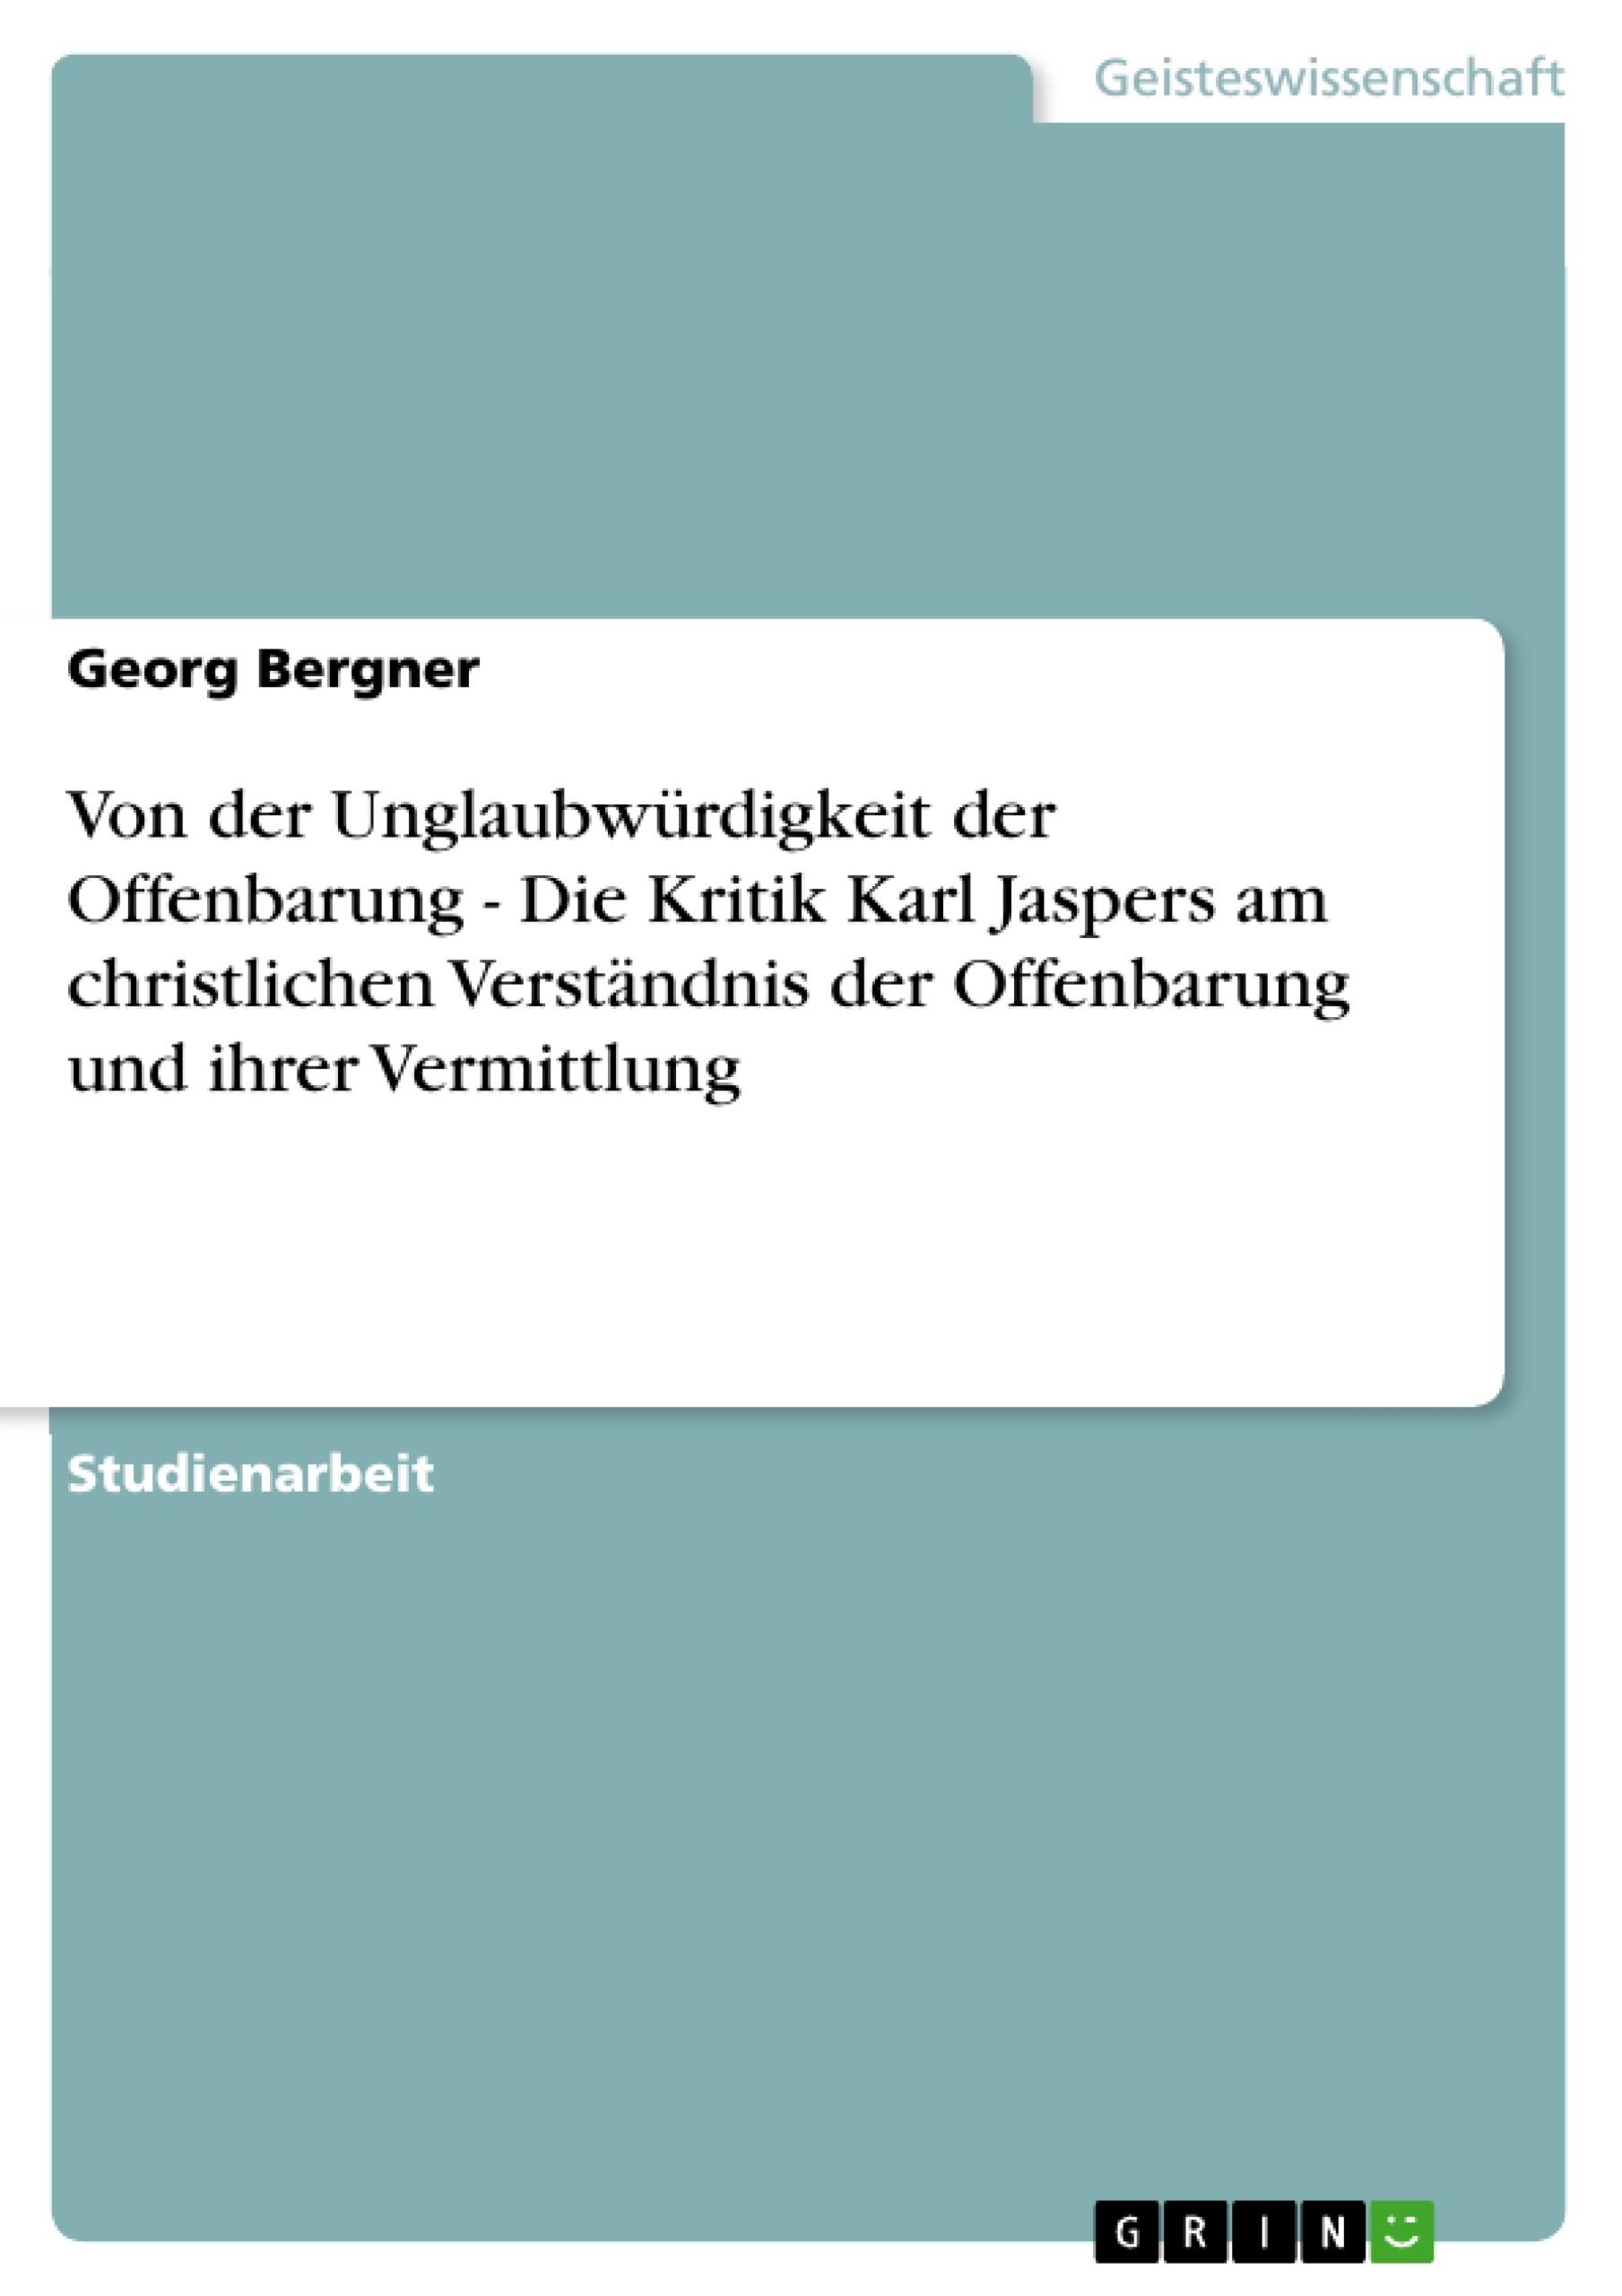 Titel: Von der Unglaubwürdigkeit der Offenbarung - Die Kritik Karl Jaspers  am christlichen Verständnis der Offenbarung und ihrer Vermittlung